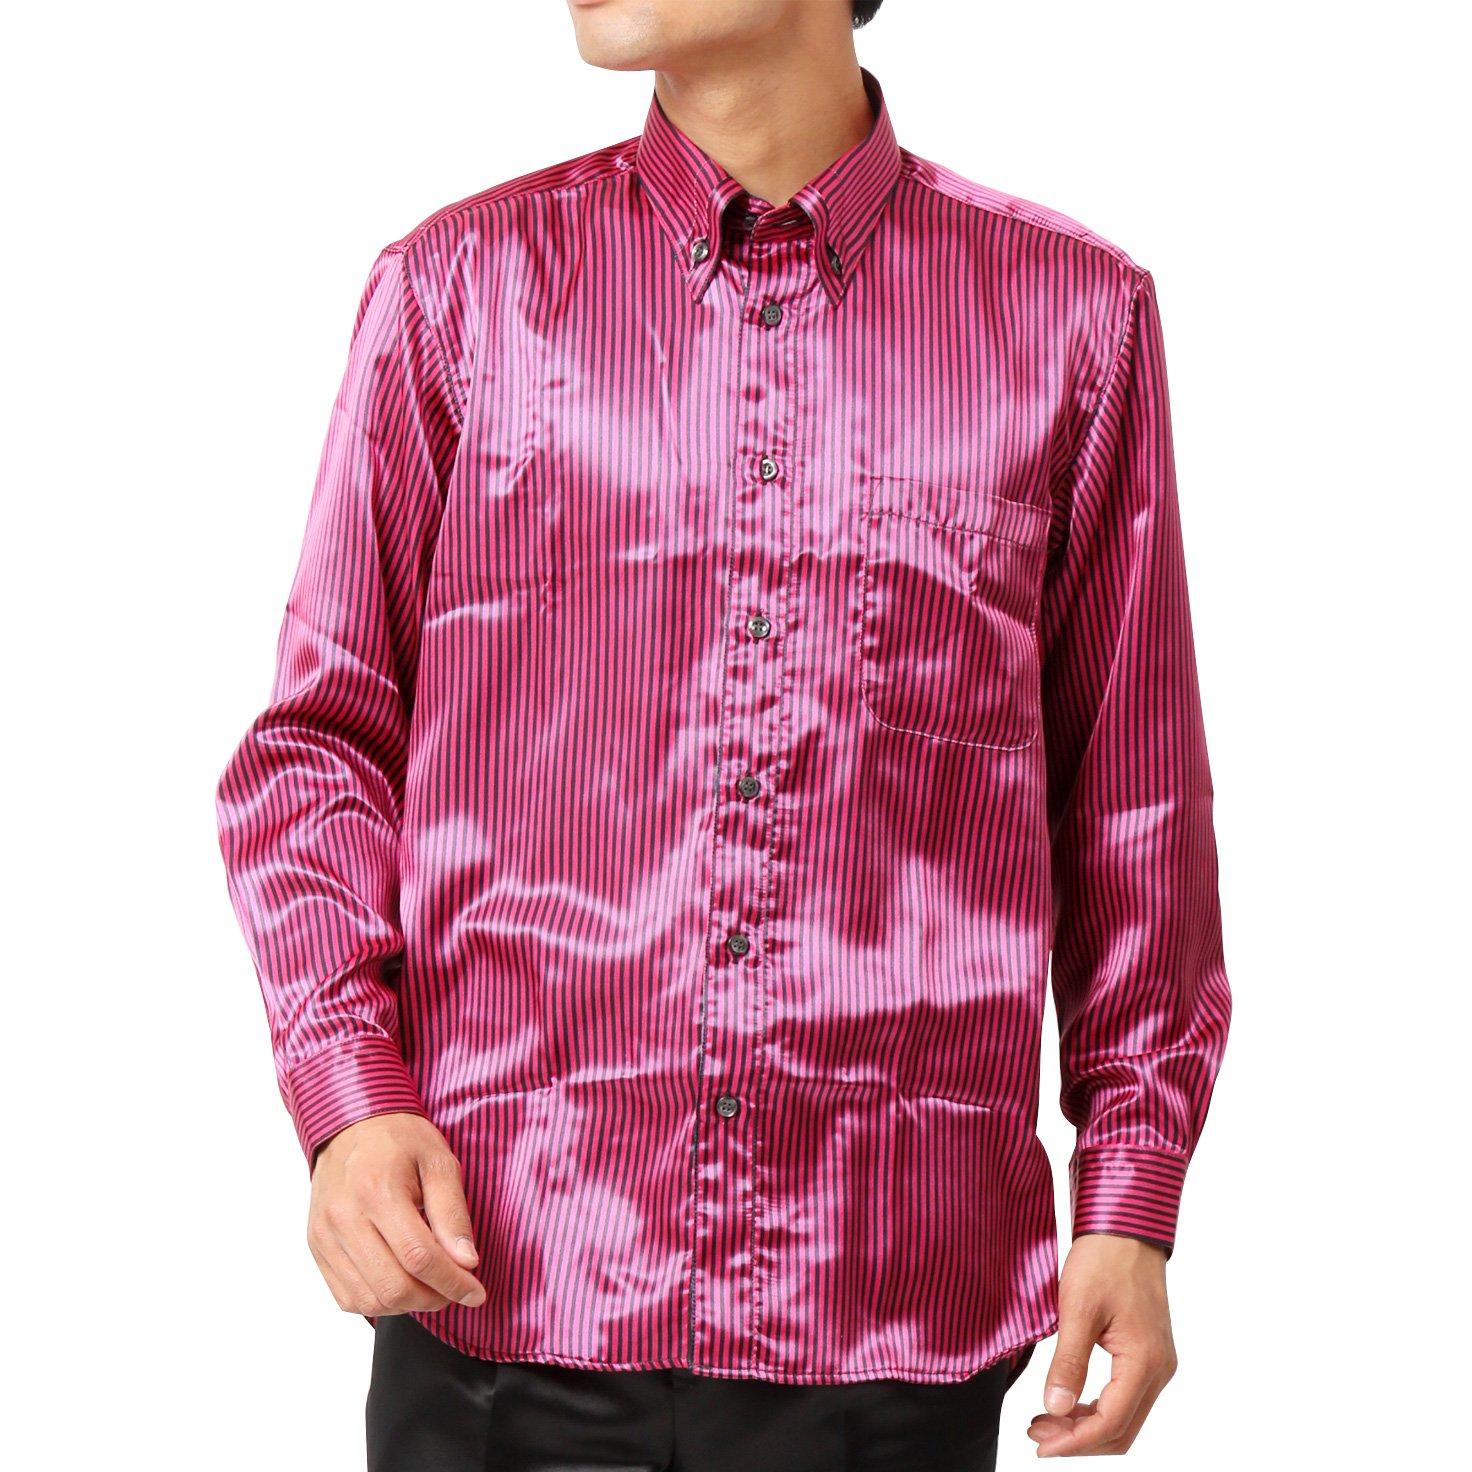 ストライプ 長袖 ドレスシャツ 男女兼用 衣装|カラー:ピンク